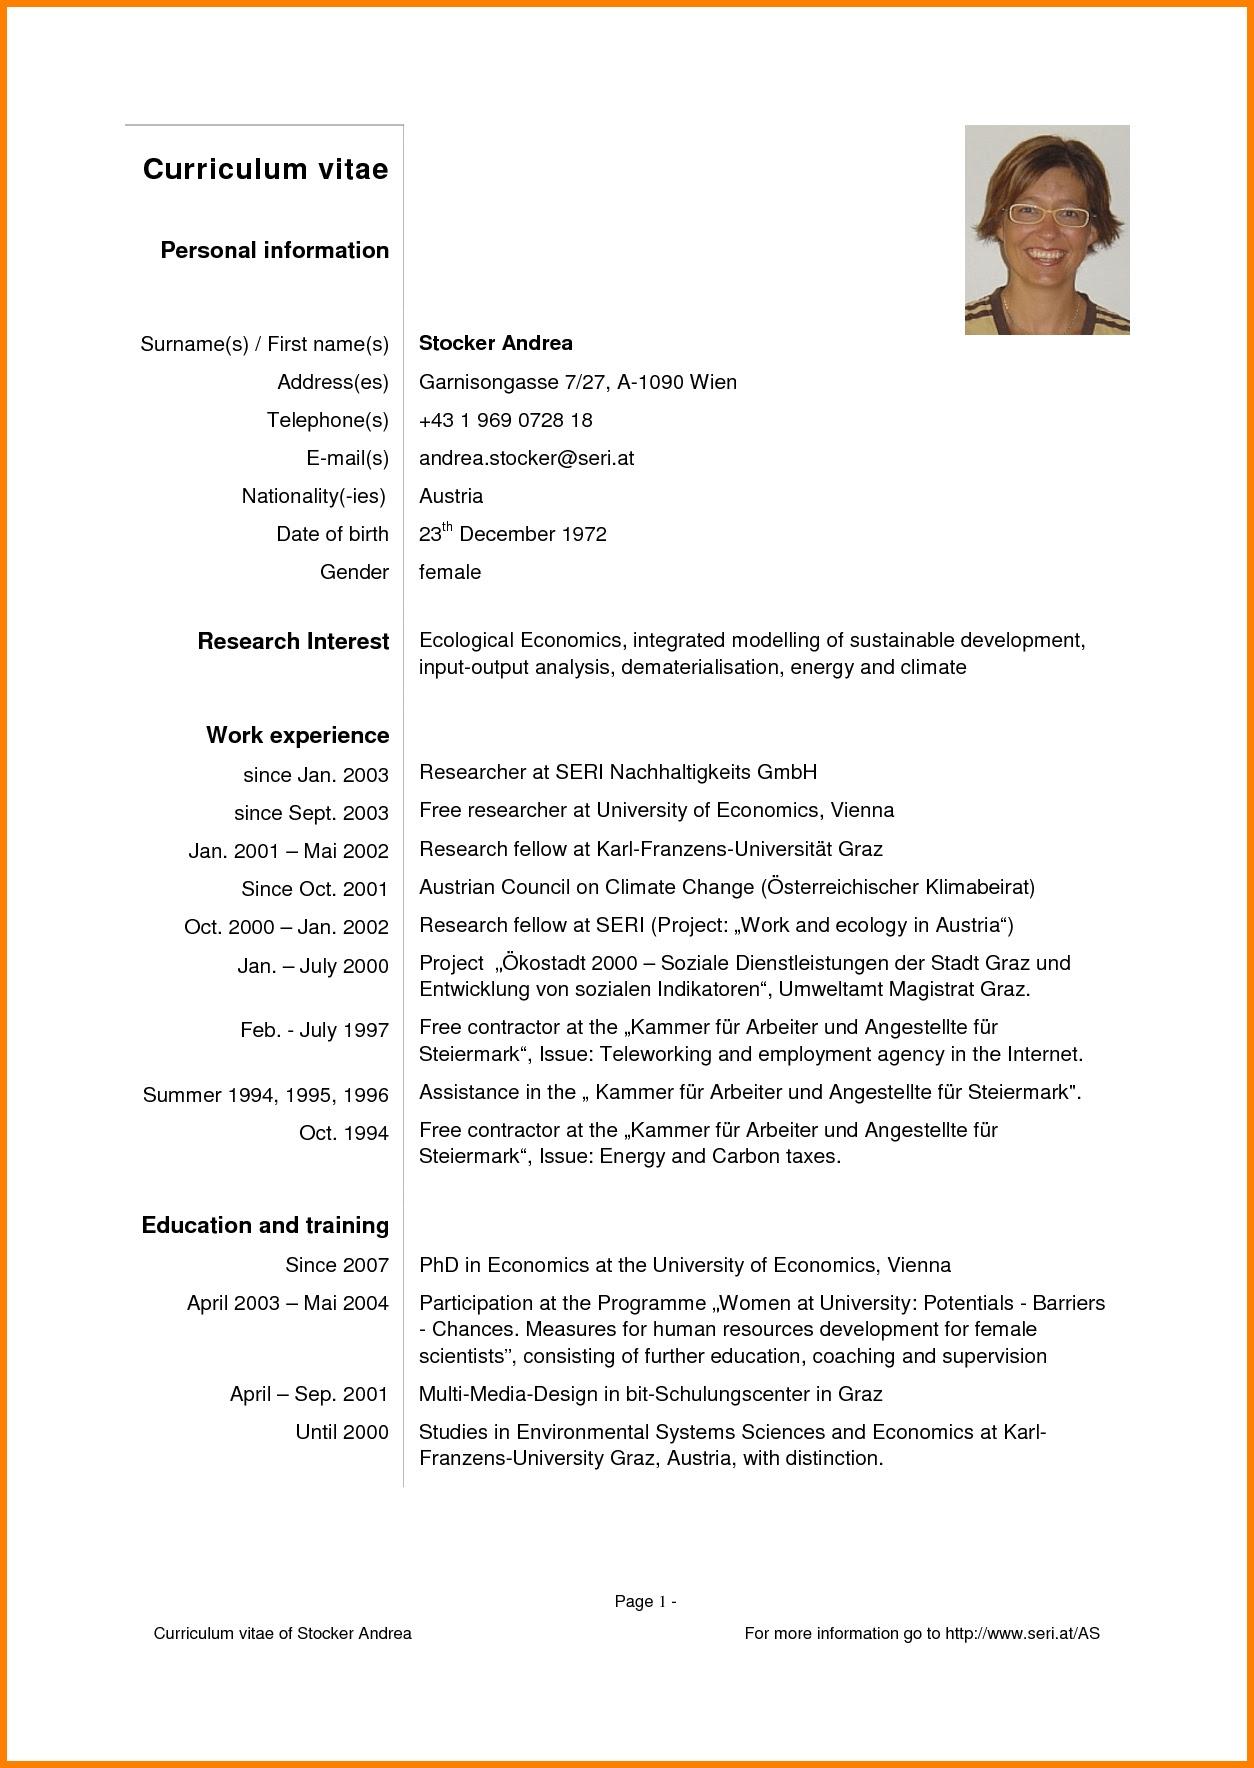 English curriculum vitae template - laboite-cv.fr